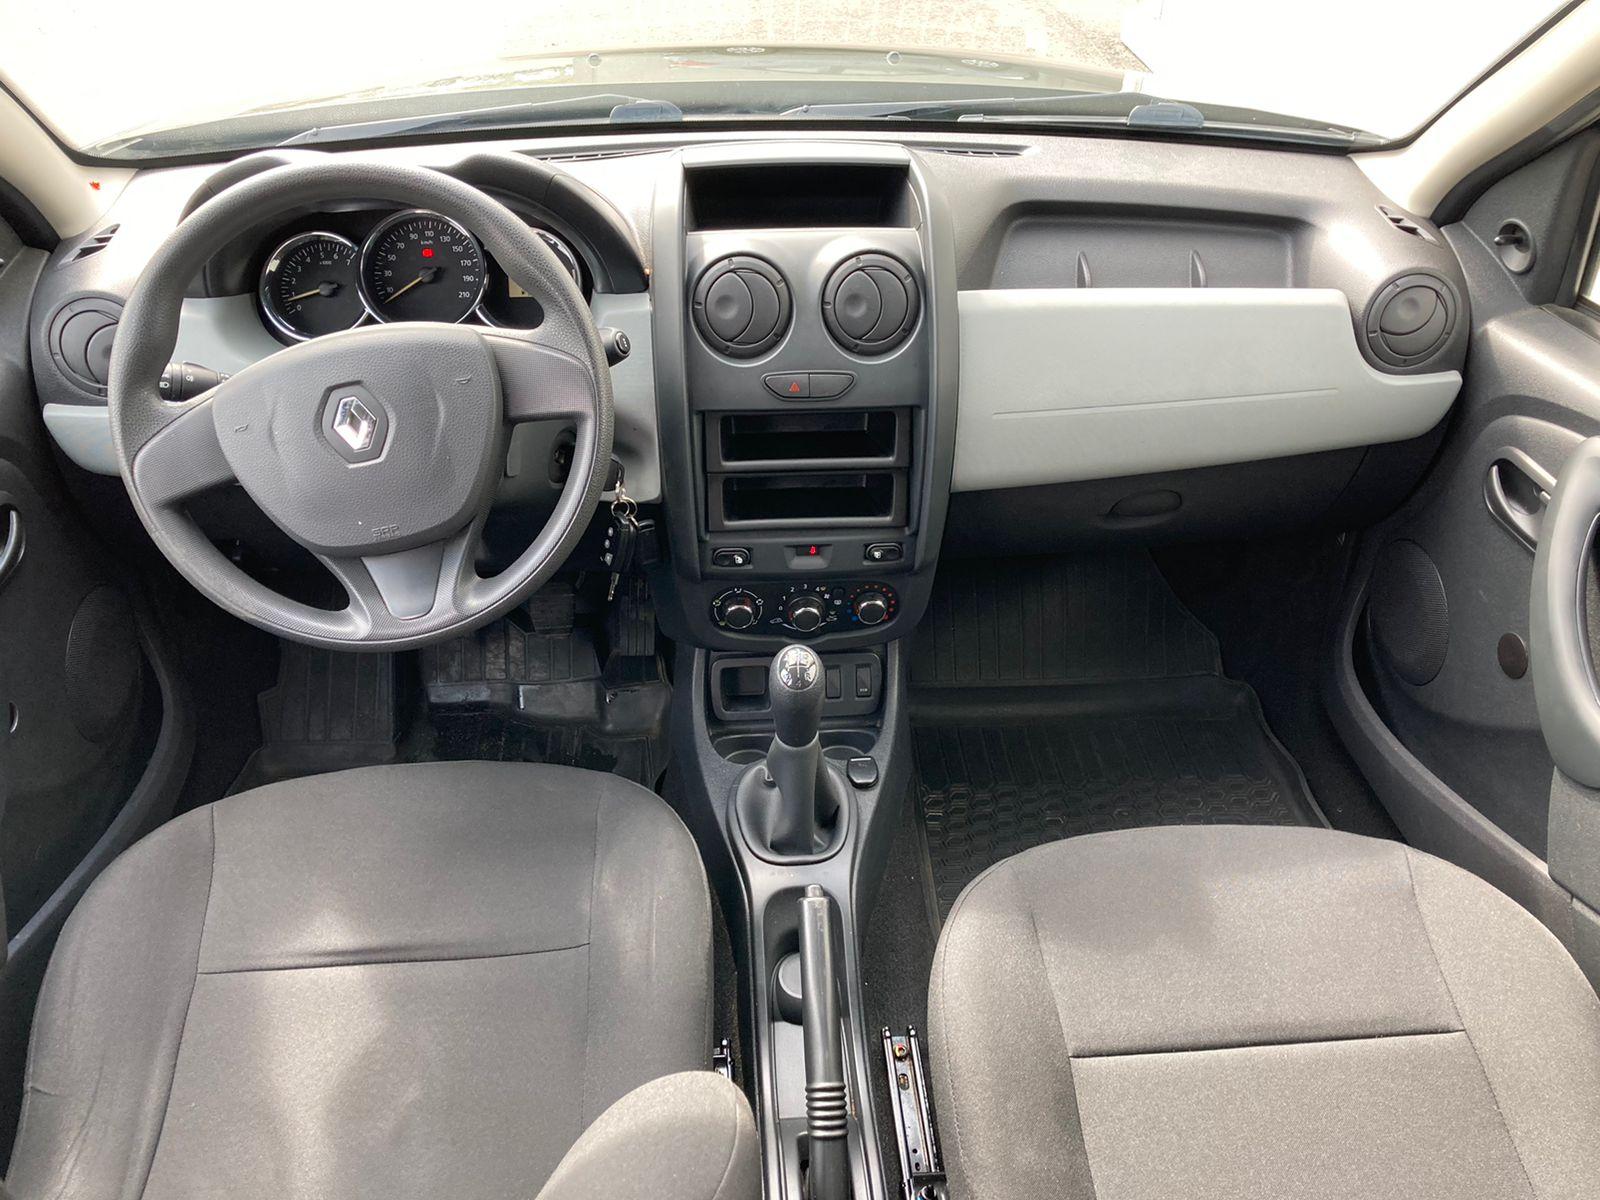 Renault Duster Внедорожник (2016г.)